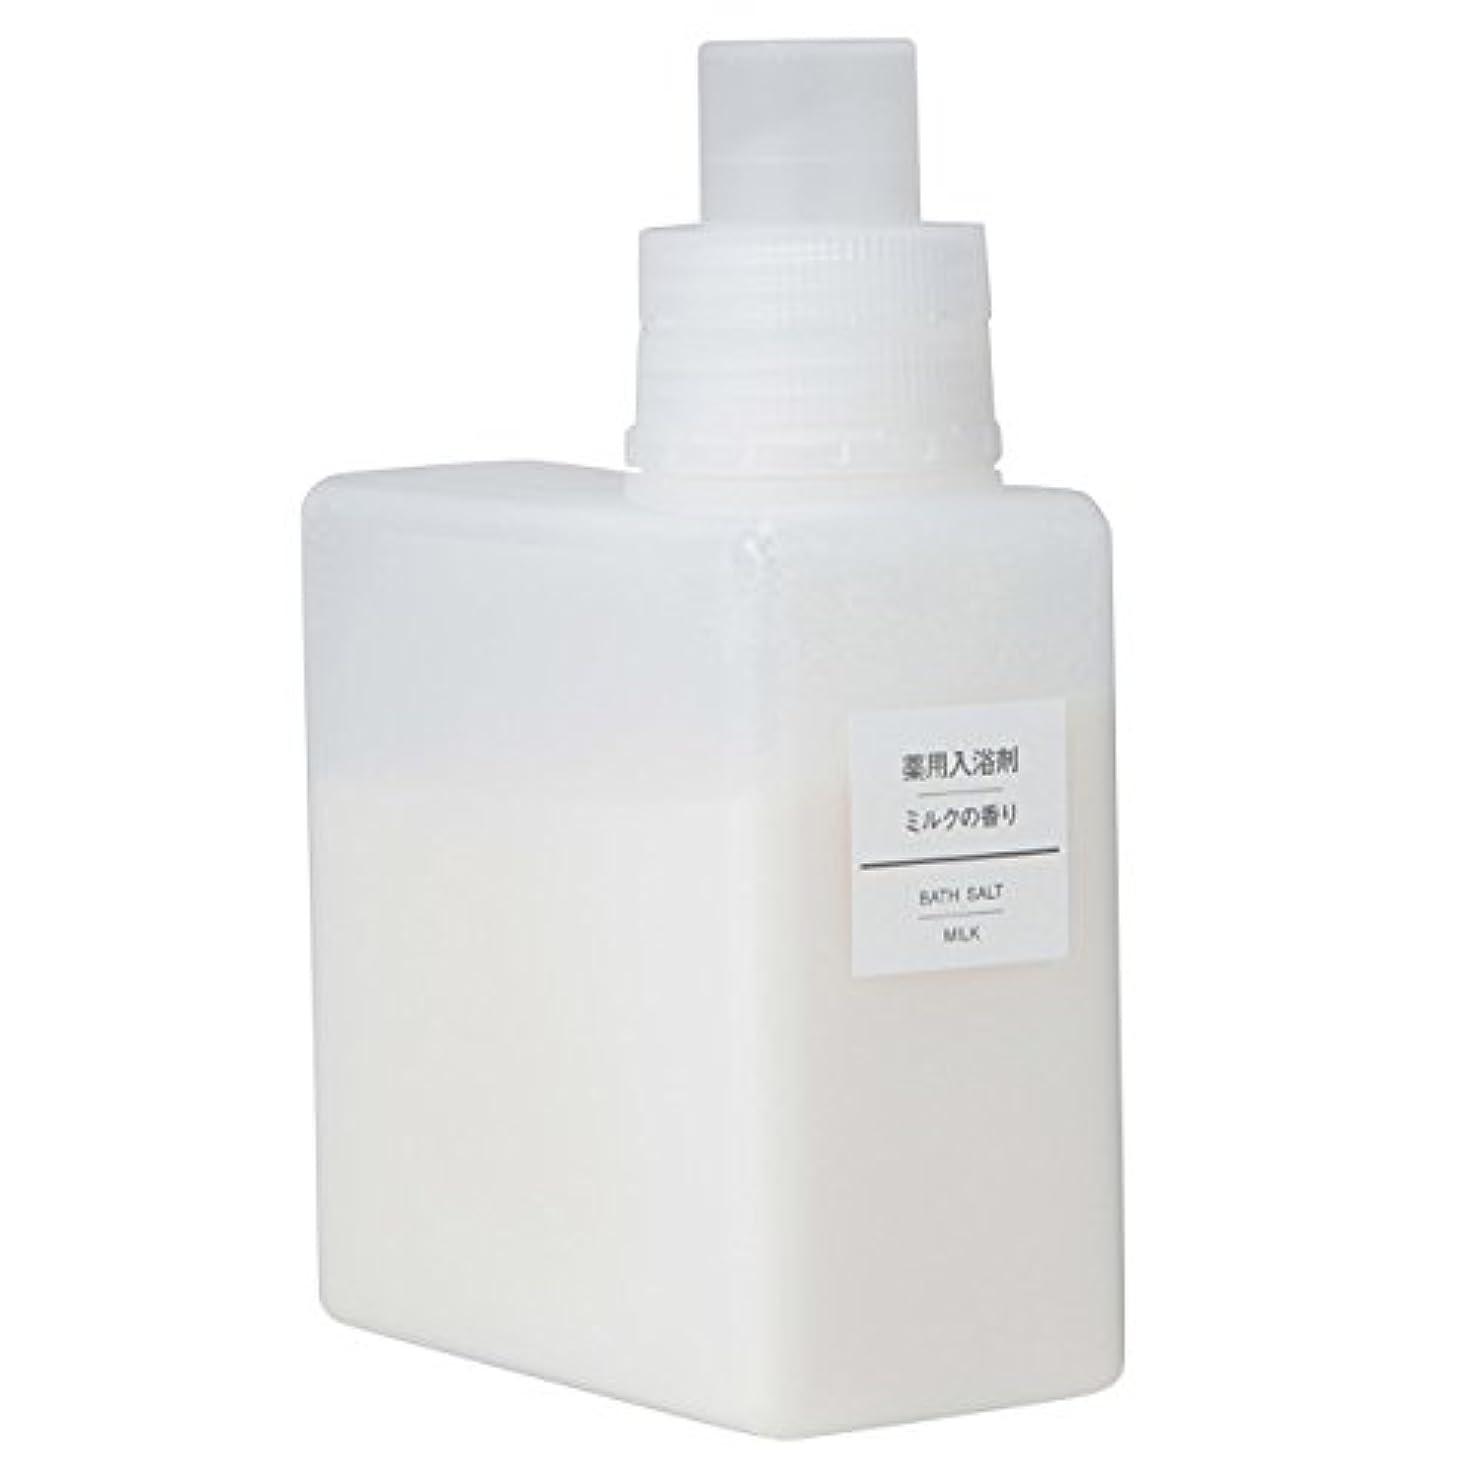 ビーチトランクライブラリ予測子無印良品 薬用入浴剤?ミルクの香り (新)500g 日本製